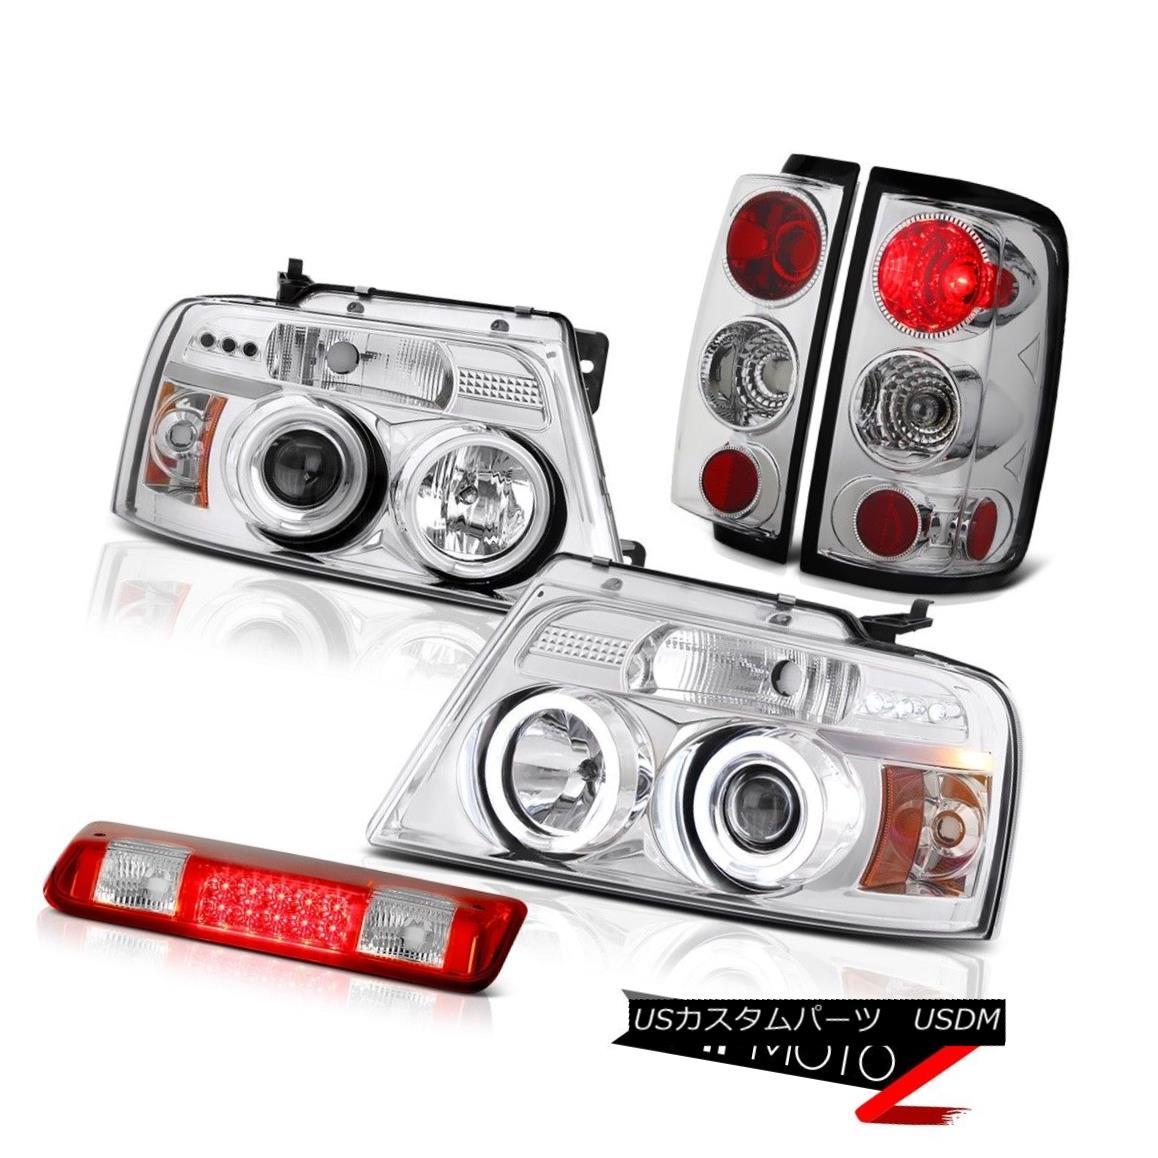 テールライト 04-08 Ford F150 XLT Red High Stop Lamp Euro Clear Headlamps Taillamps LED Newest 04-08 Ford F150 XLTレッドハイストップランプユーロクリアヘッドランプTaillamps LED最新